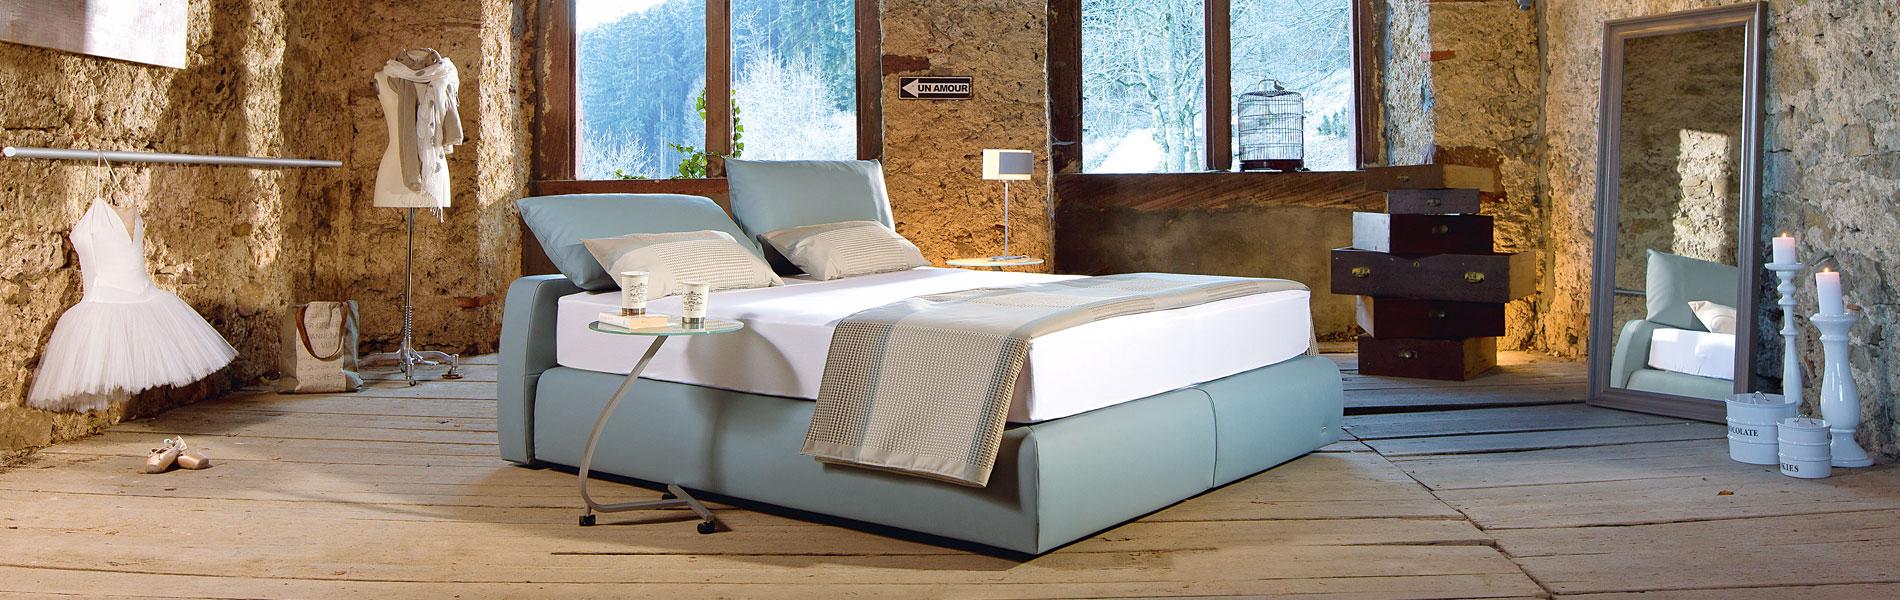 g nstige ruf betten matratzen und rahmen von m bel h ffner. Black Bedroom Furniture Sets. Home Design Ideas